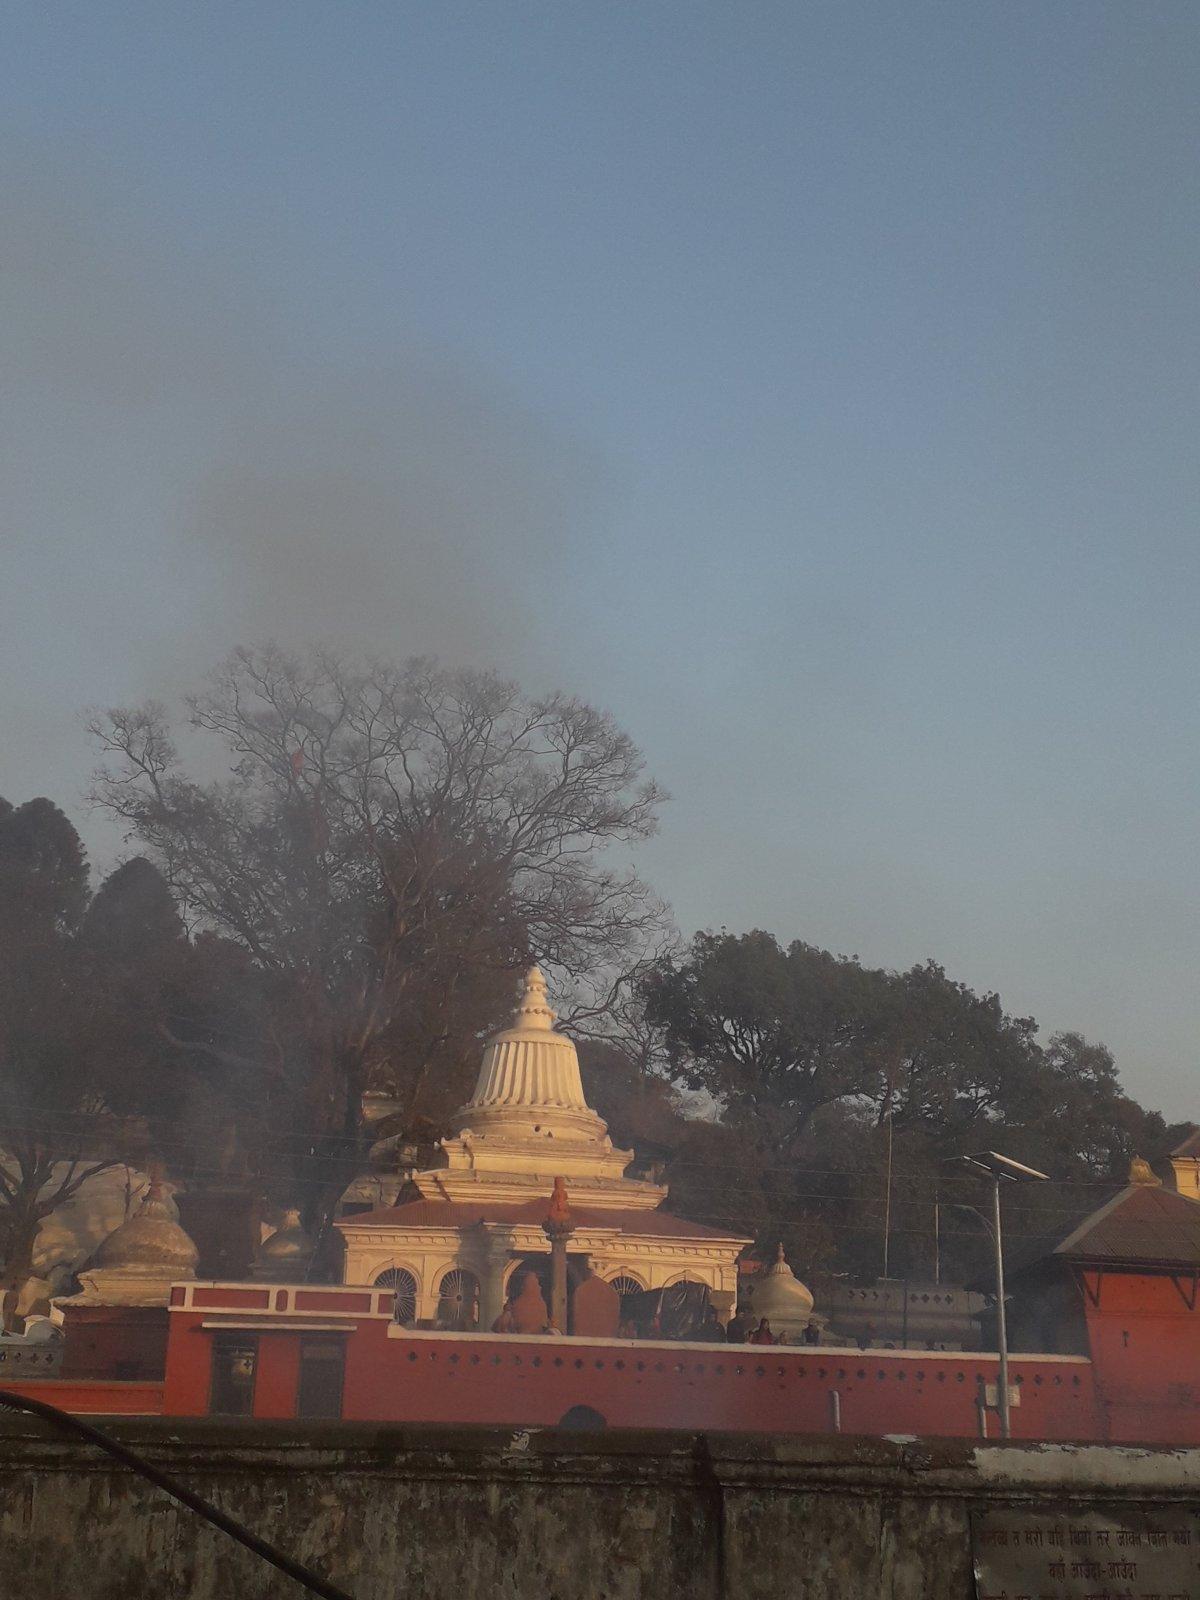 Füst száll fel a katmandui Pashipatinath zarándokhelynél, a halottégetések helyszínén •  Fotó: Kiss Judit